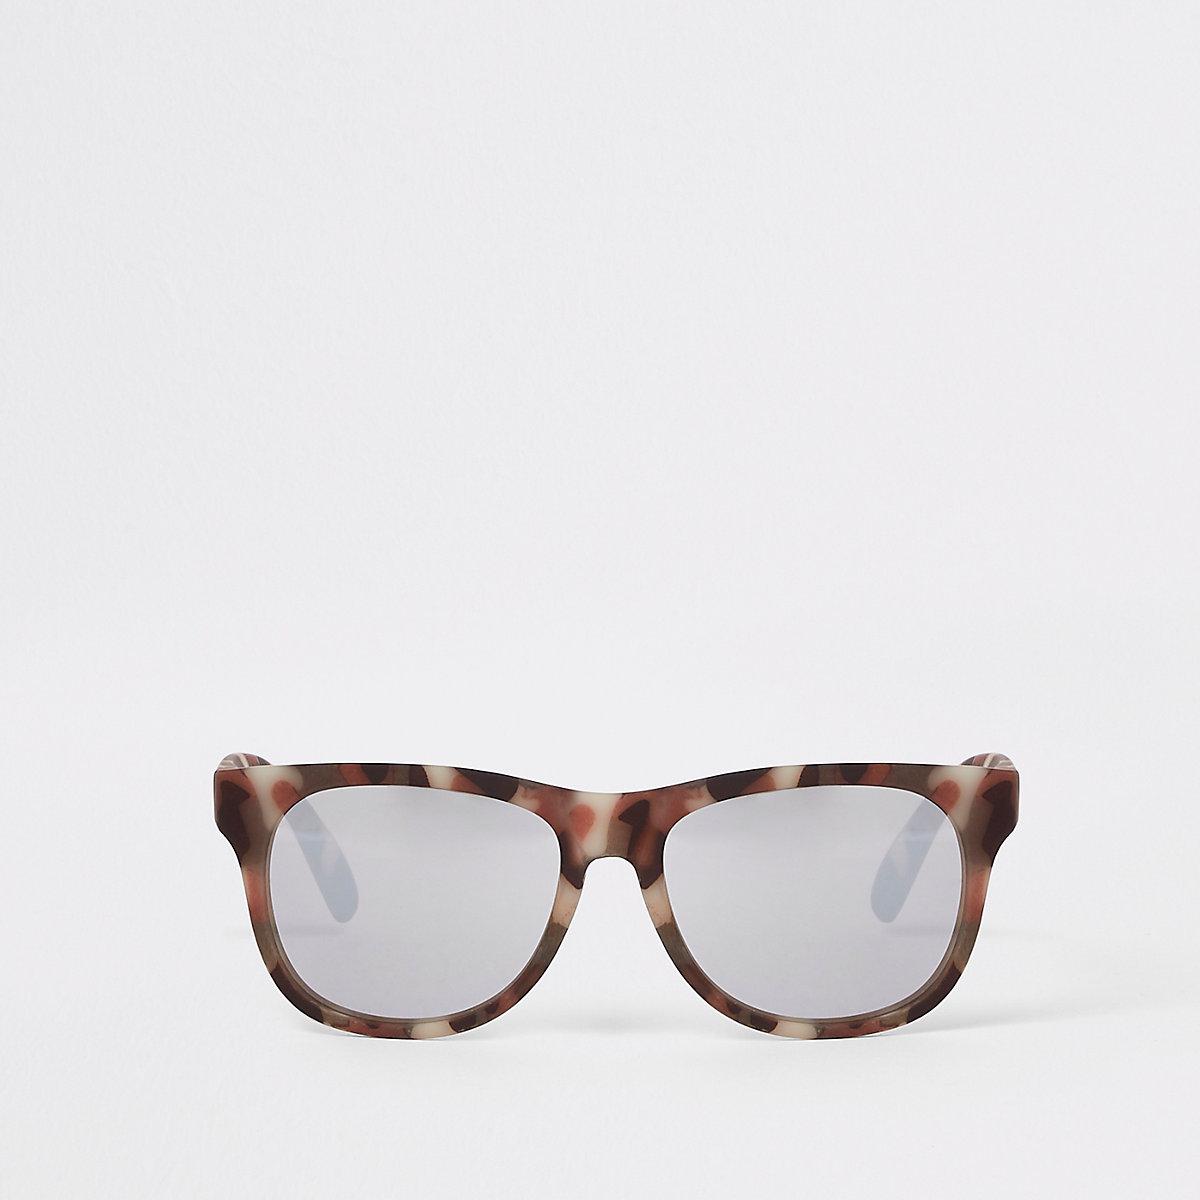 Boys khaki camo retro sunglasses